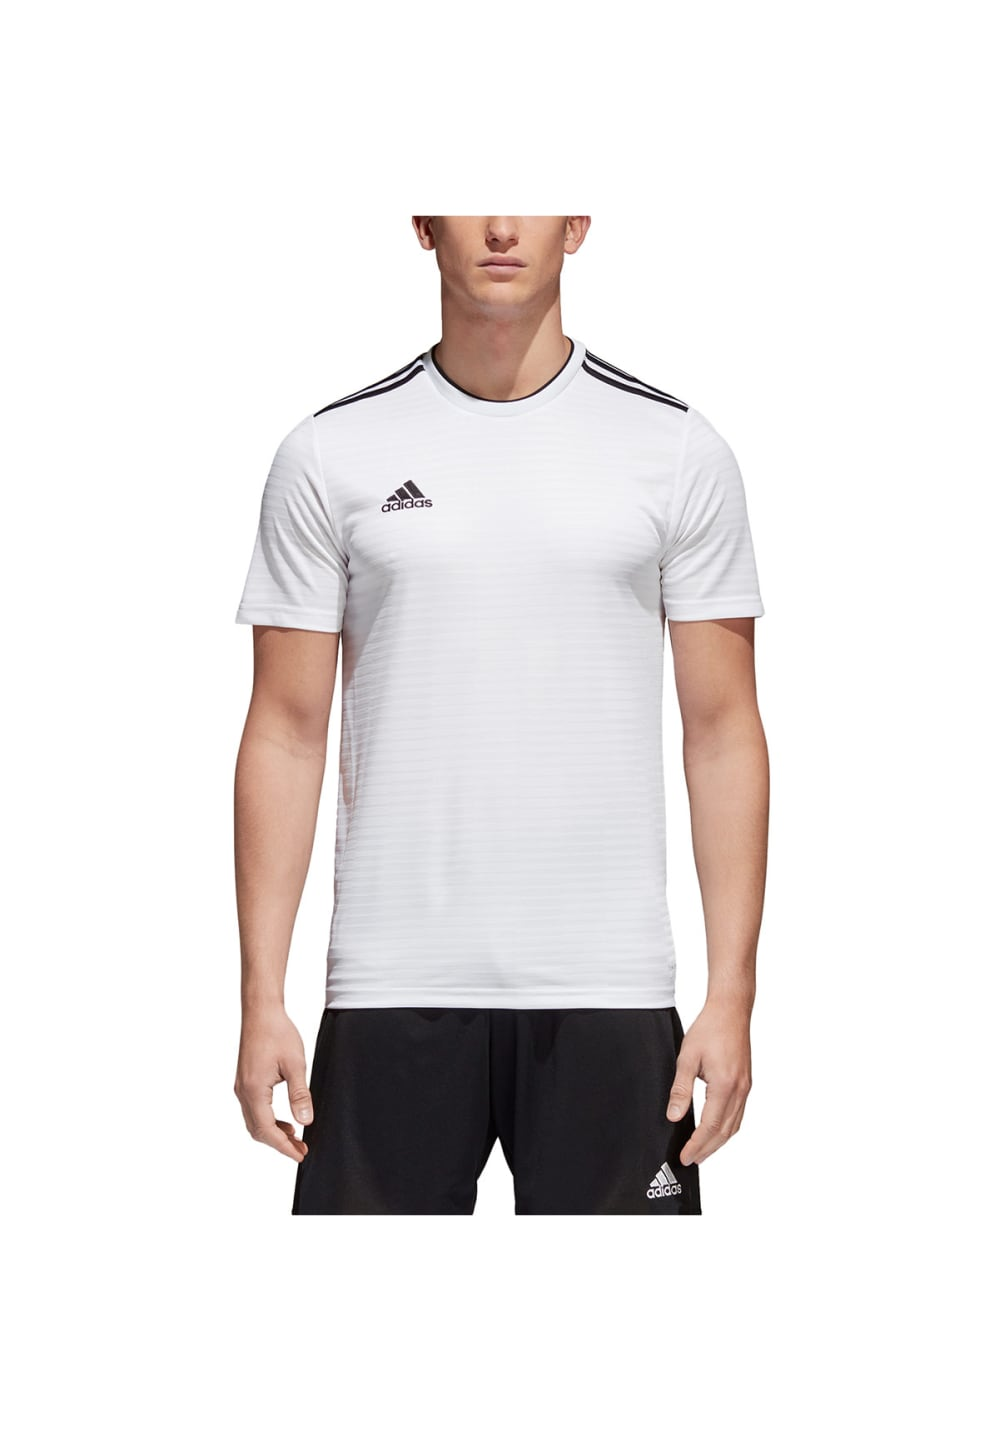 adidas Condivo 18 Trikot - Fußballbekleidung für Herren - Weiß